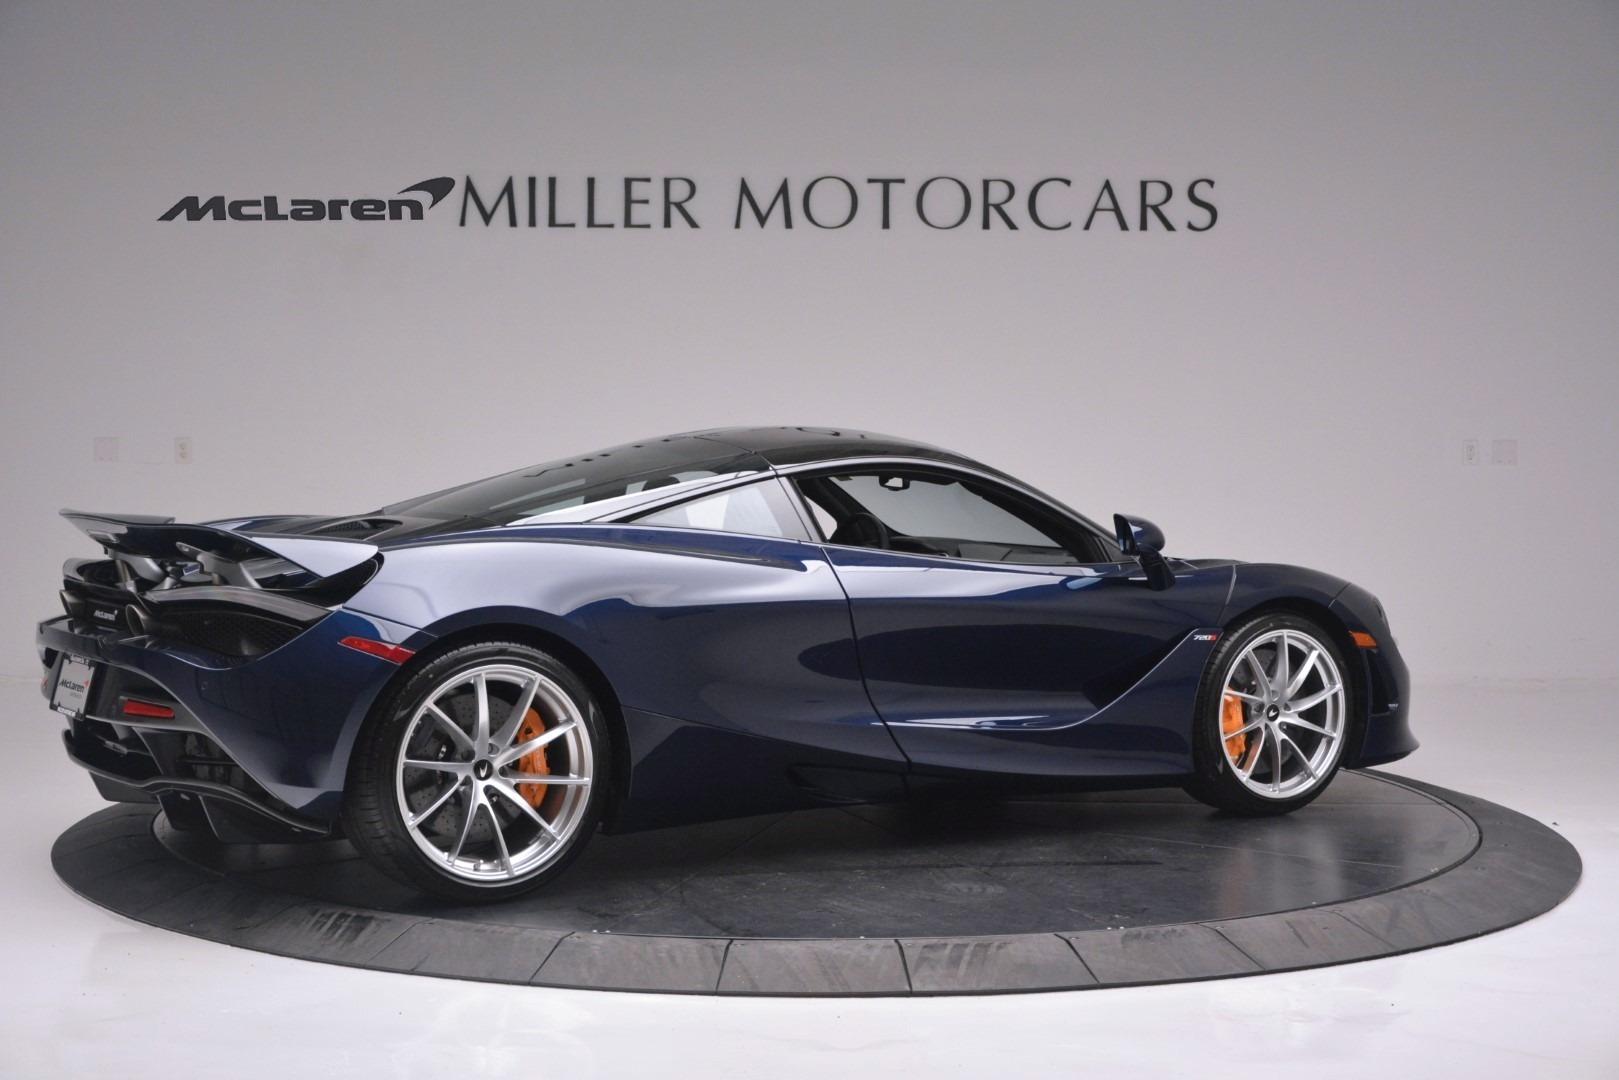 New 2019 McLaren 720S Coupe For Sale In Westport, CT 2730_p8